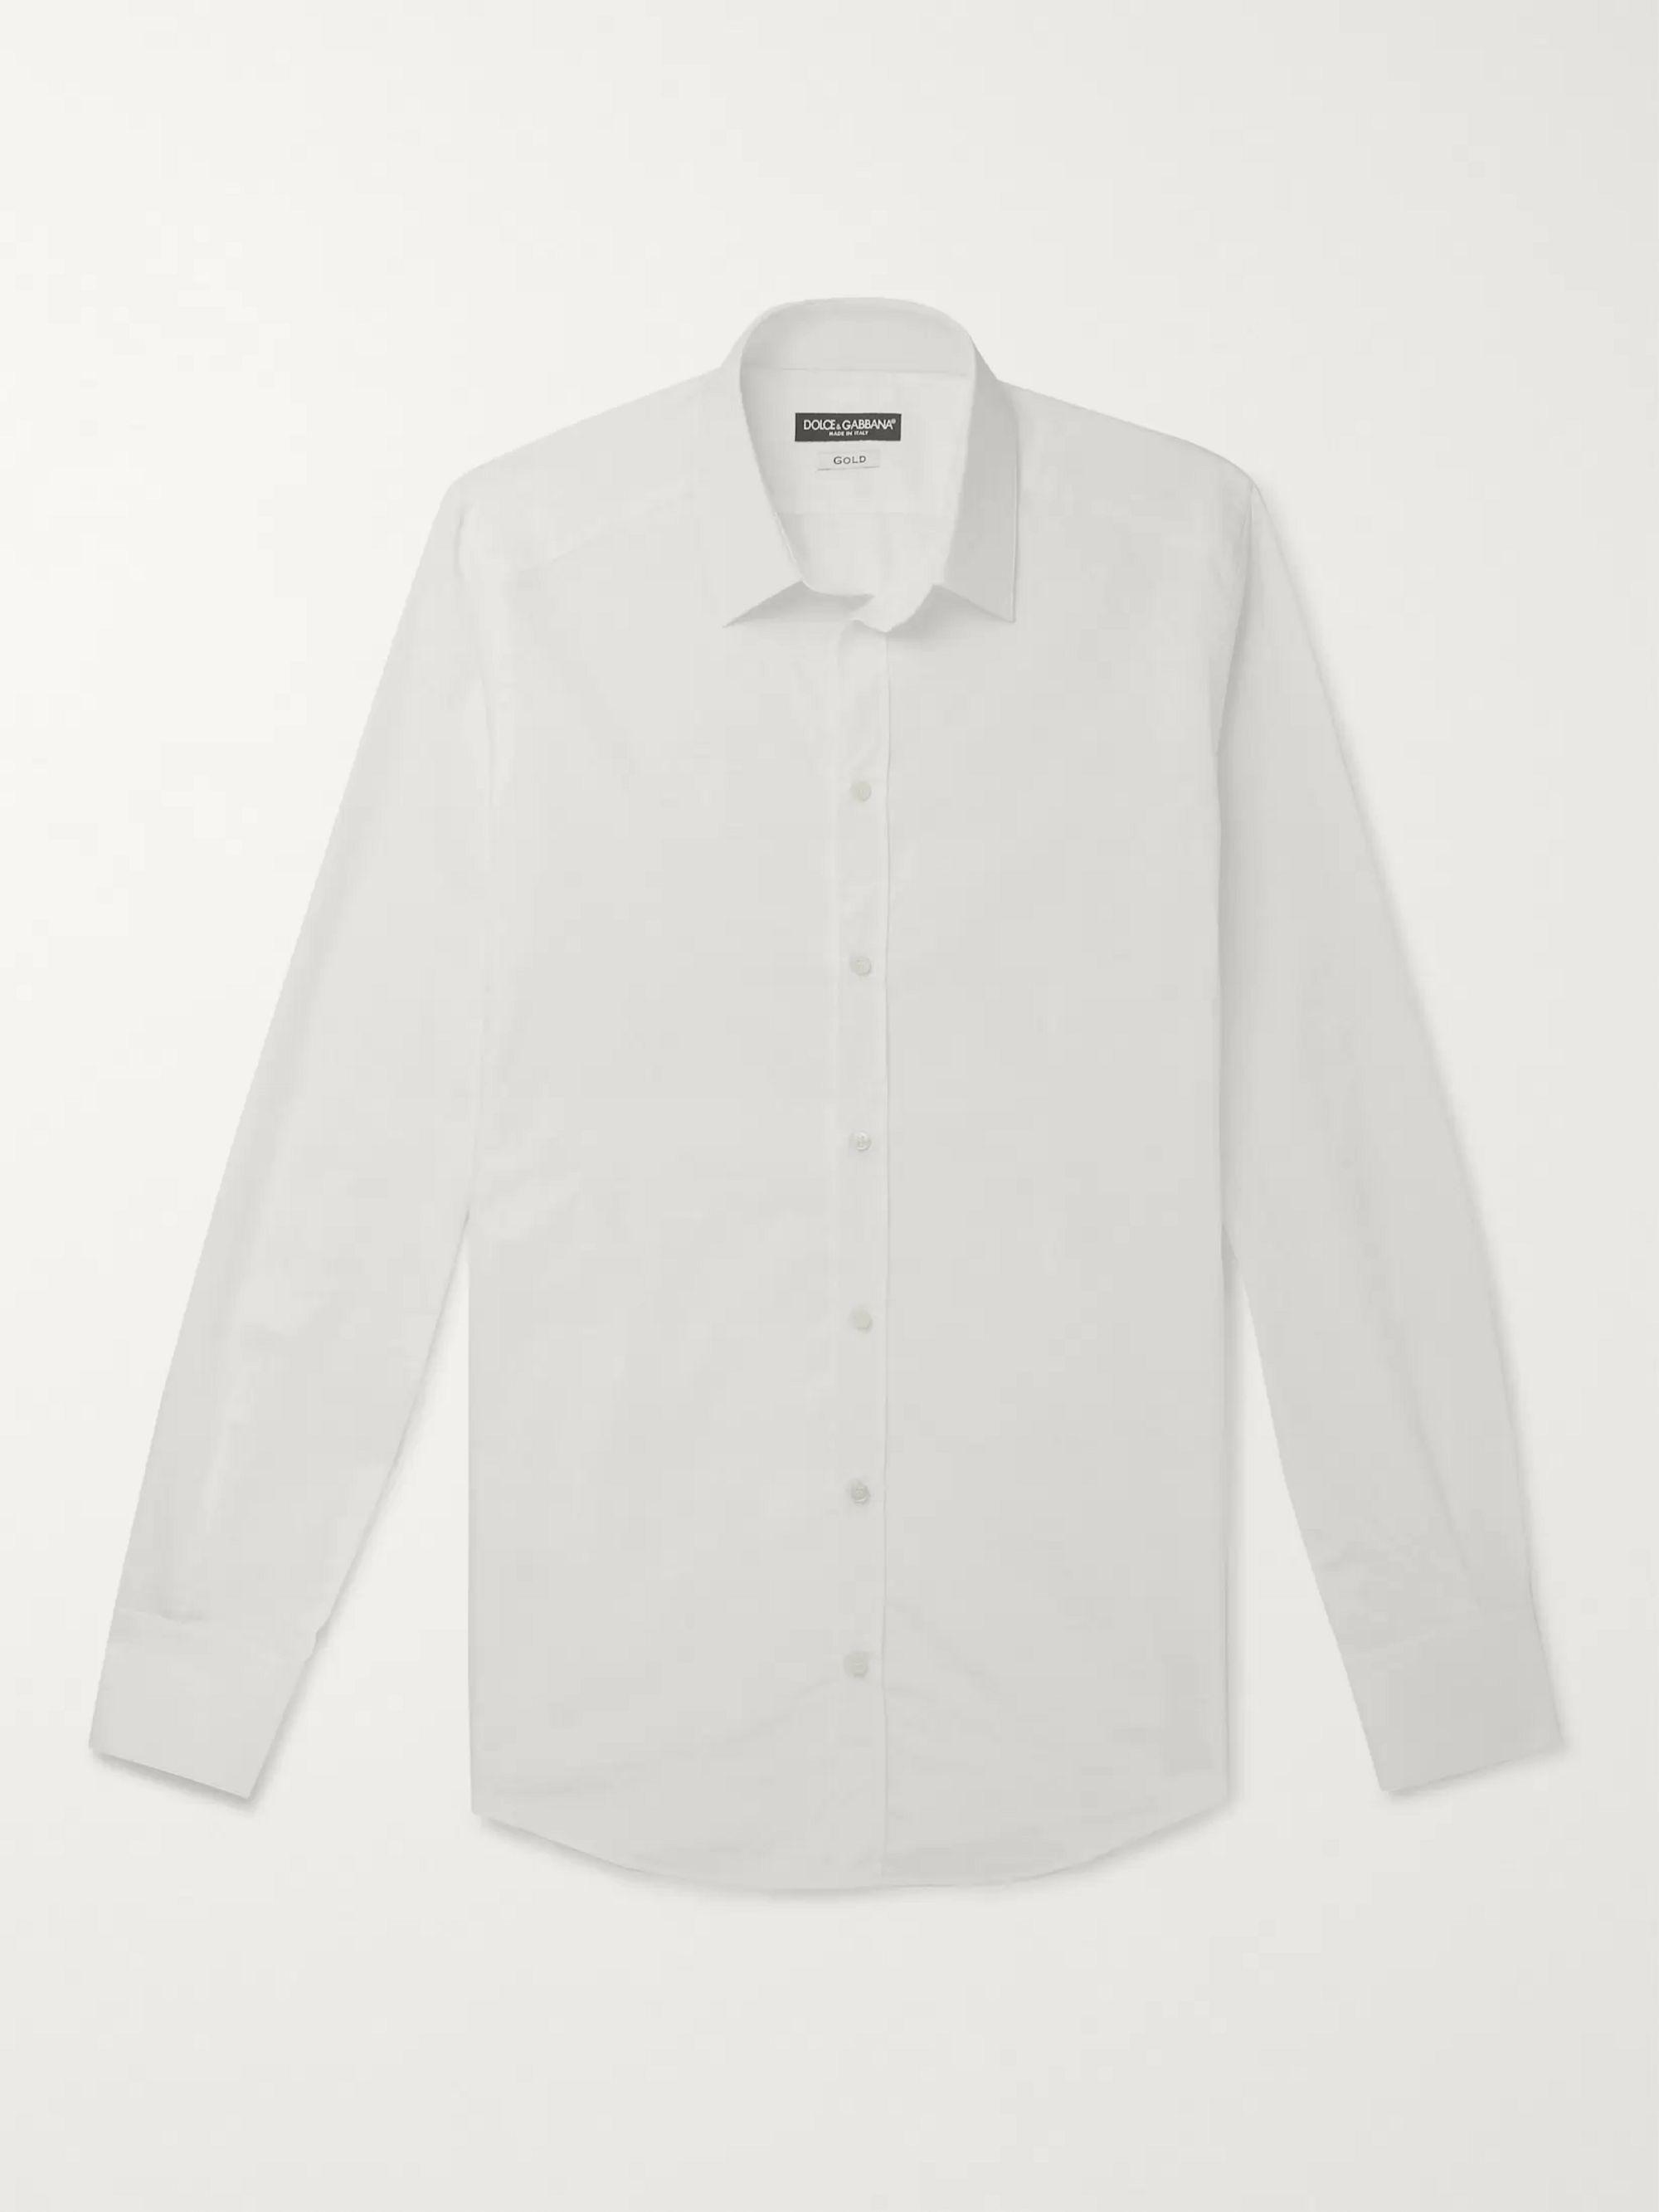 dolce gabbana white shirt